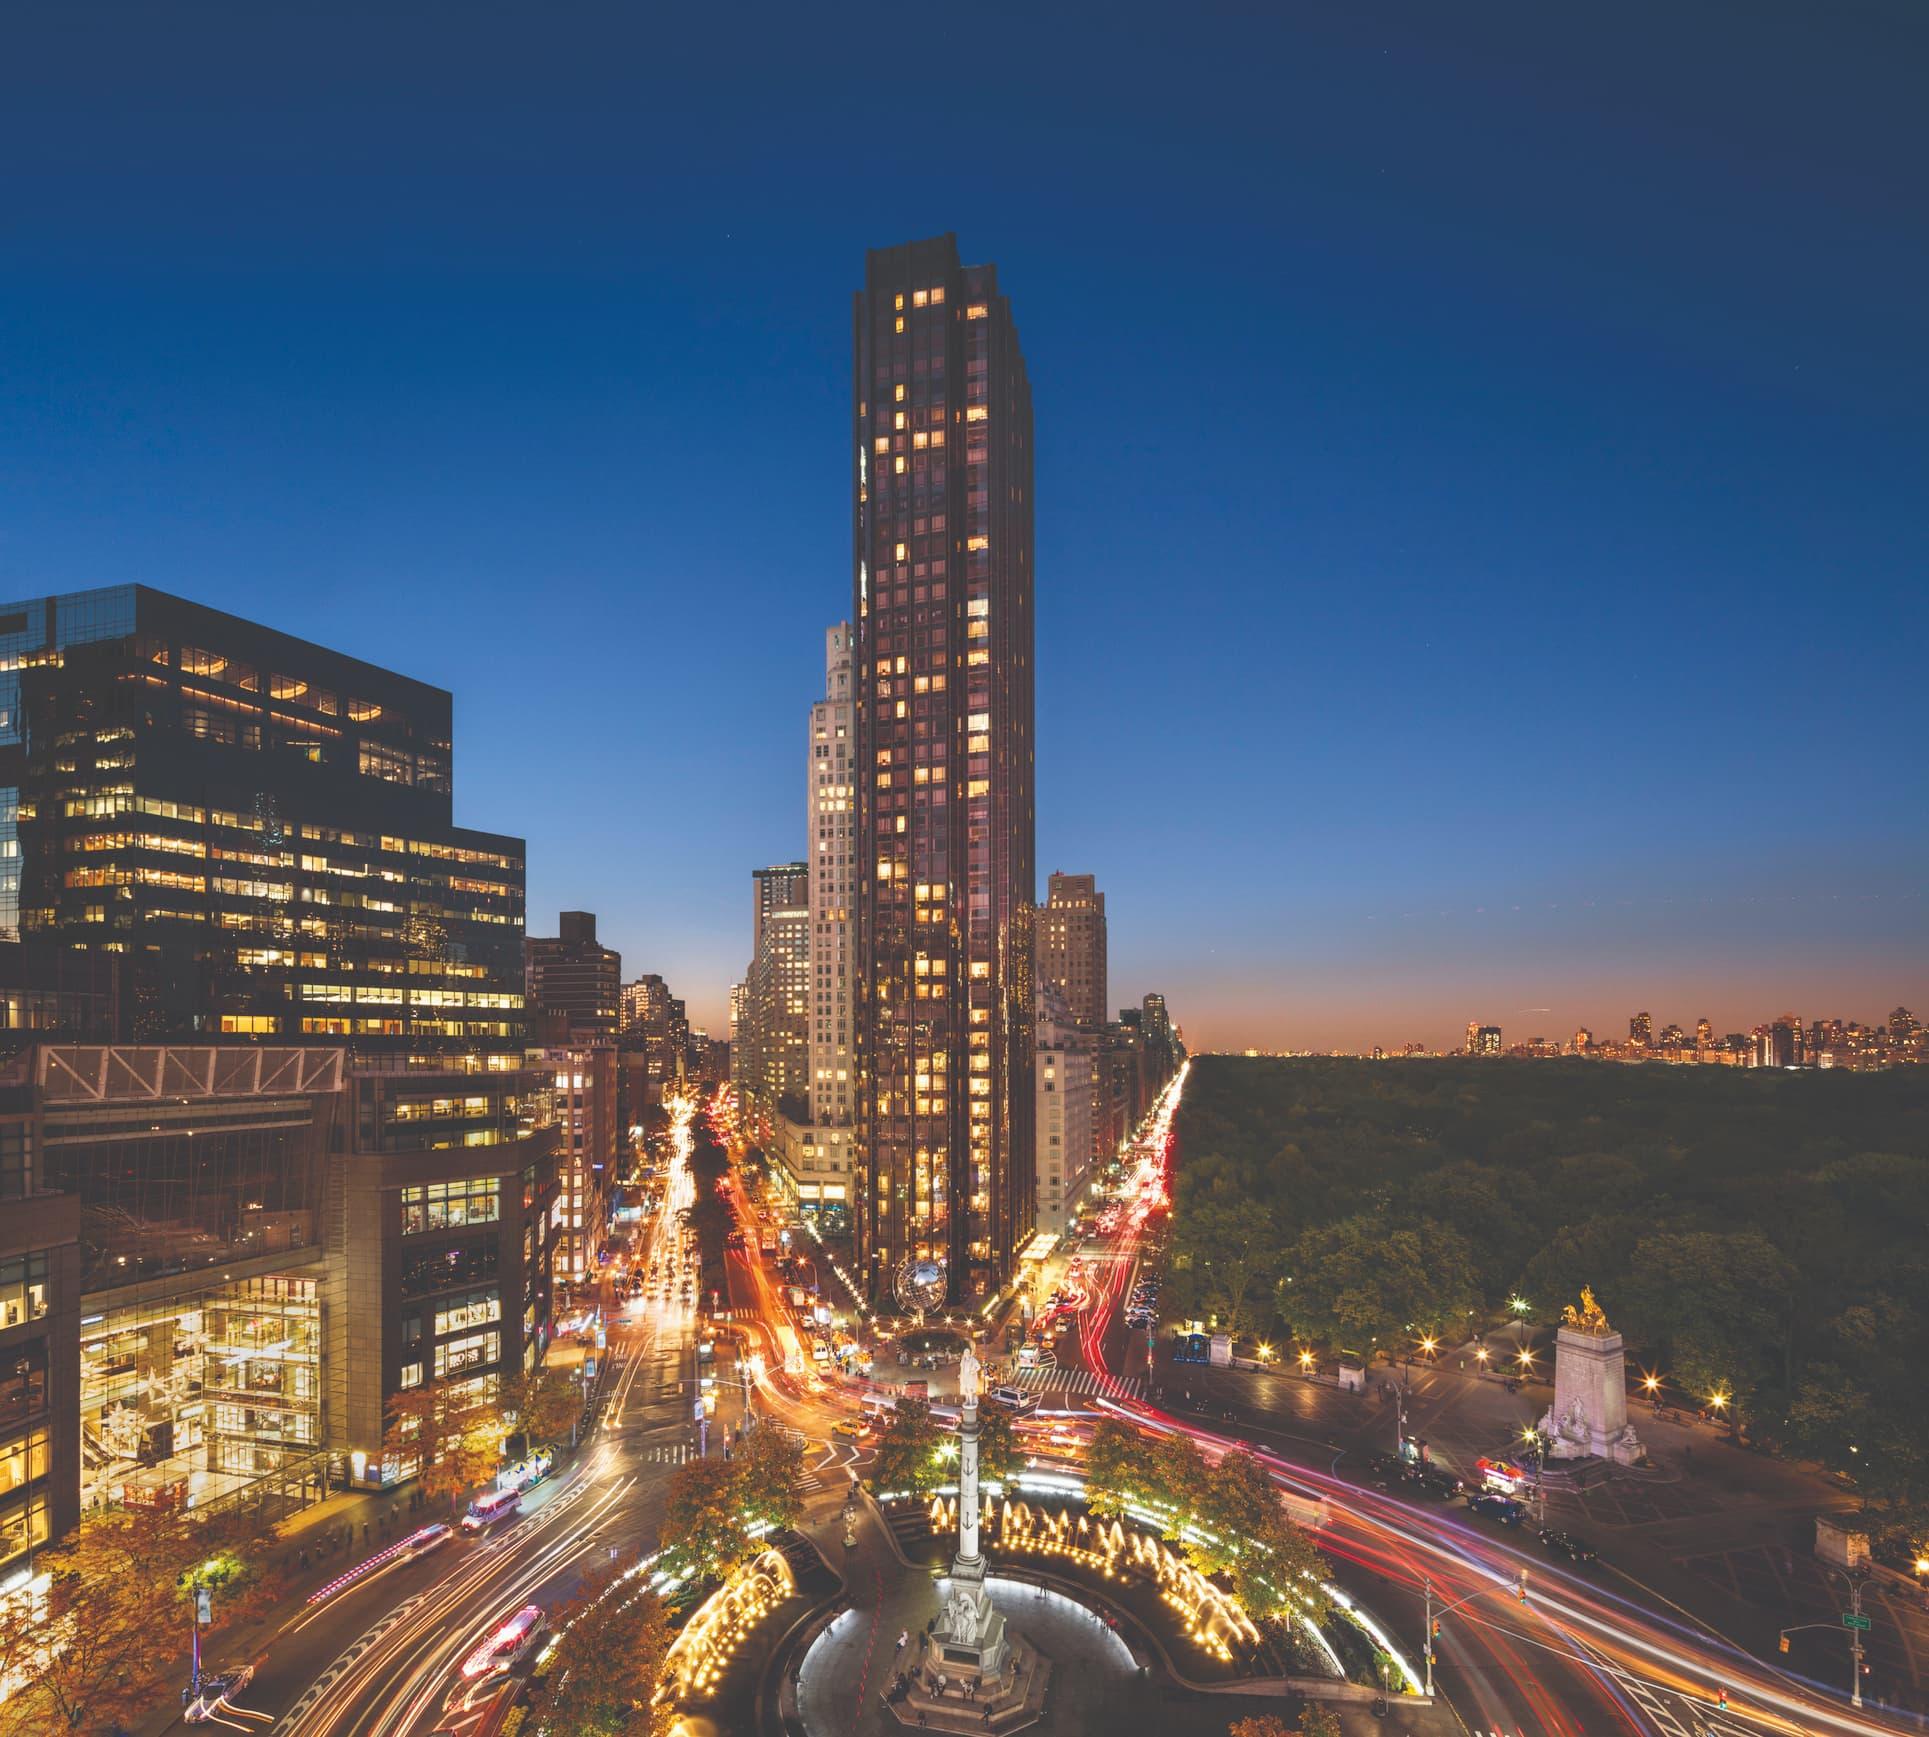 À frente do Trump Central Park, Prince Sanders é o segredo do atendimento exemplar do hotel